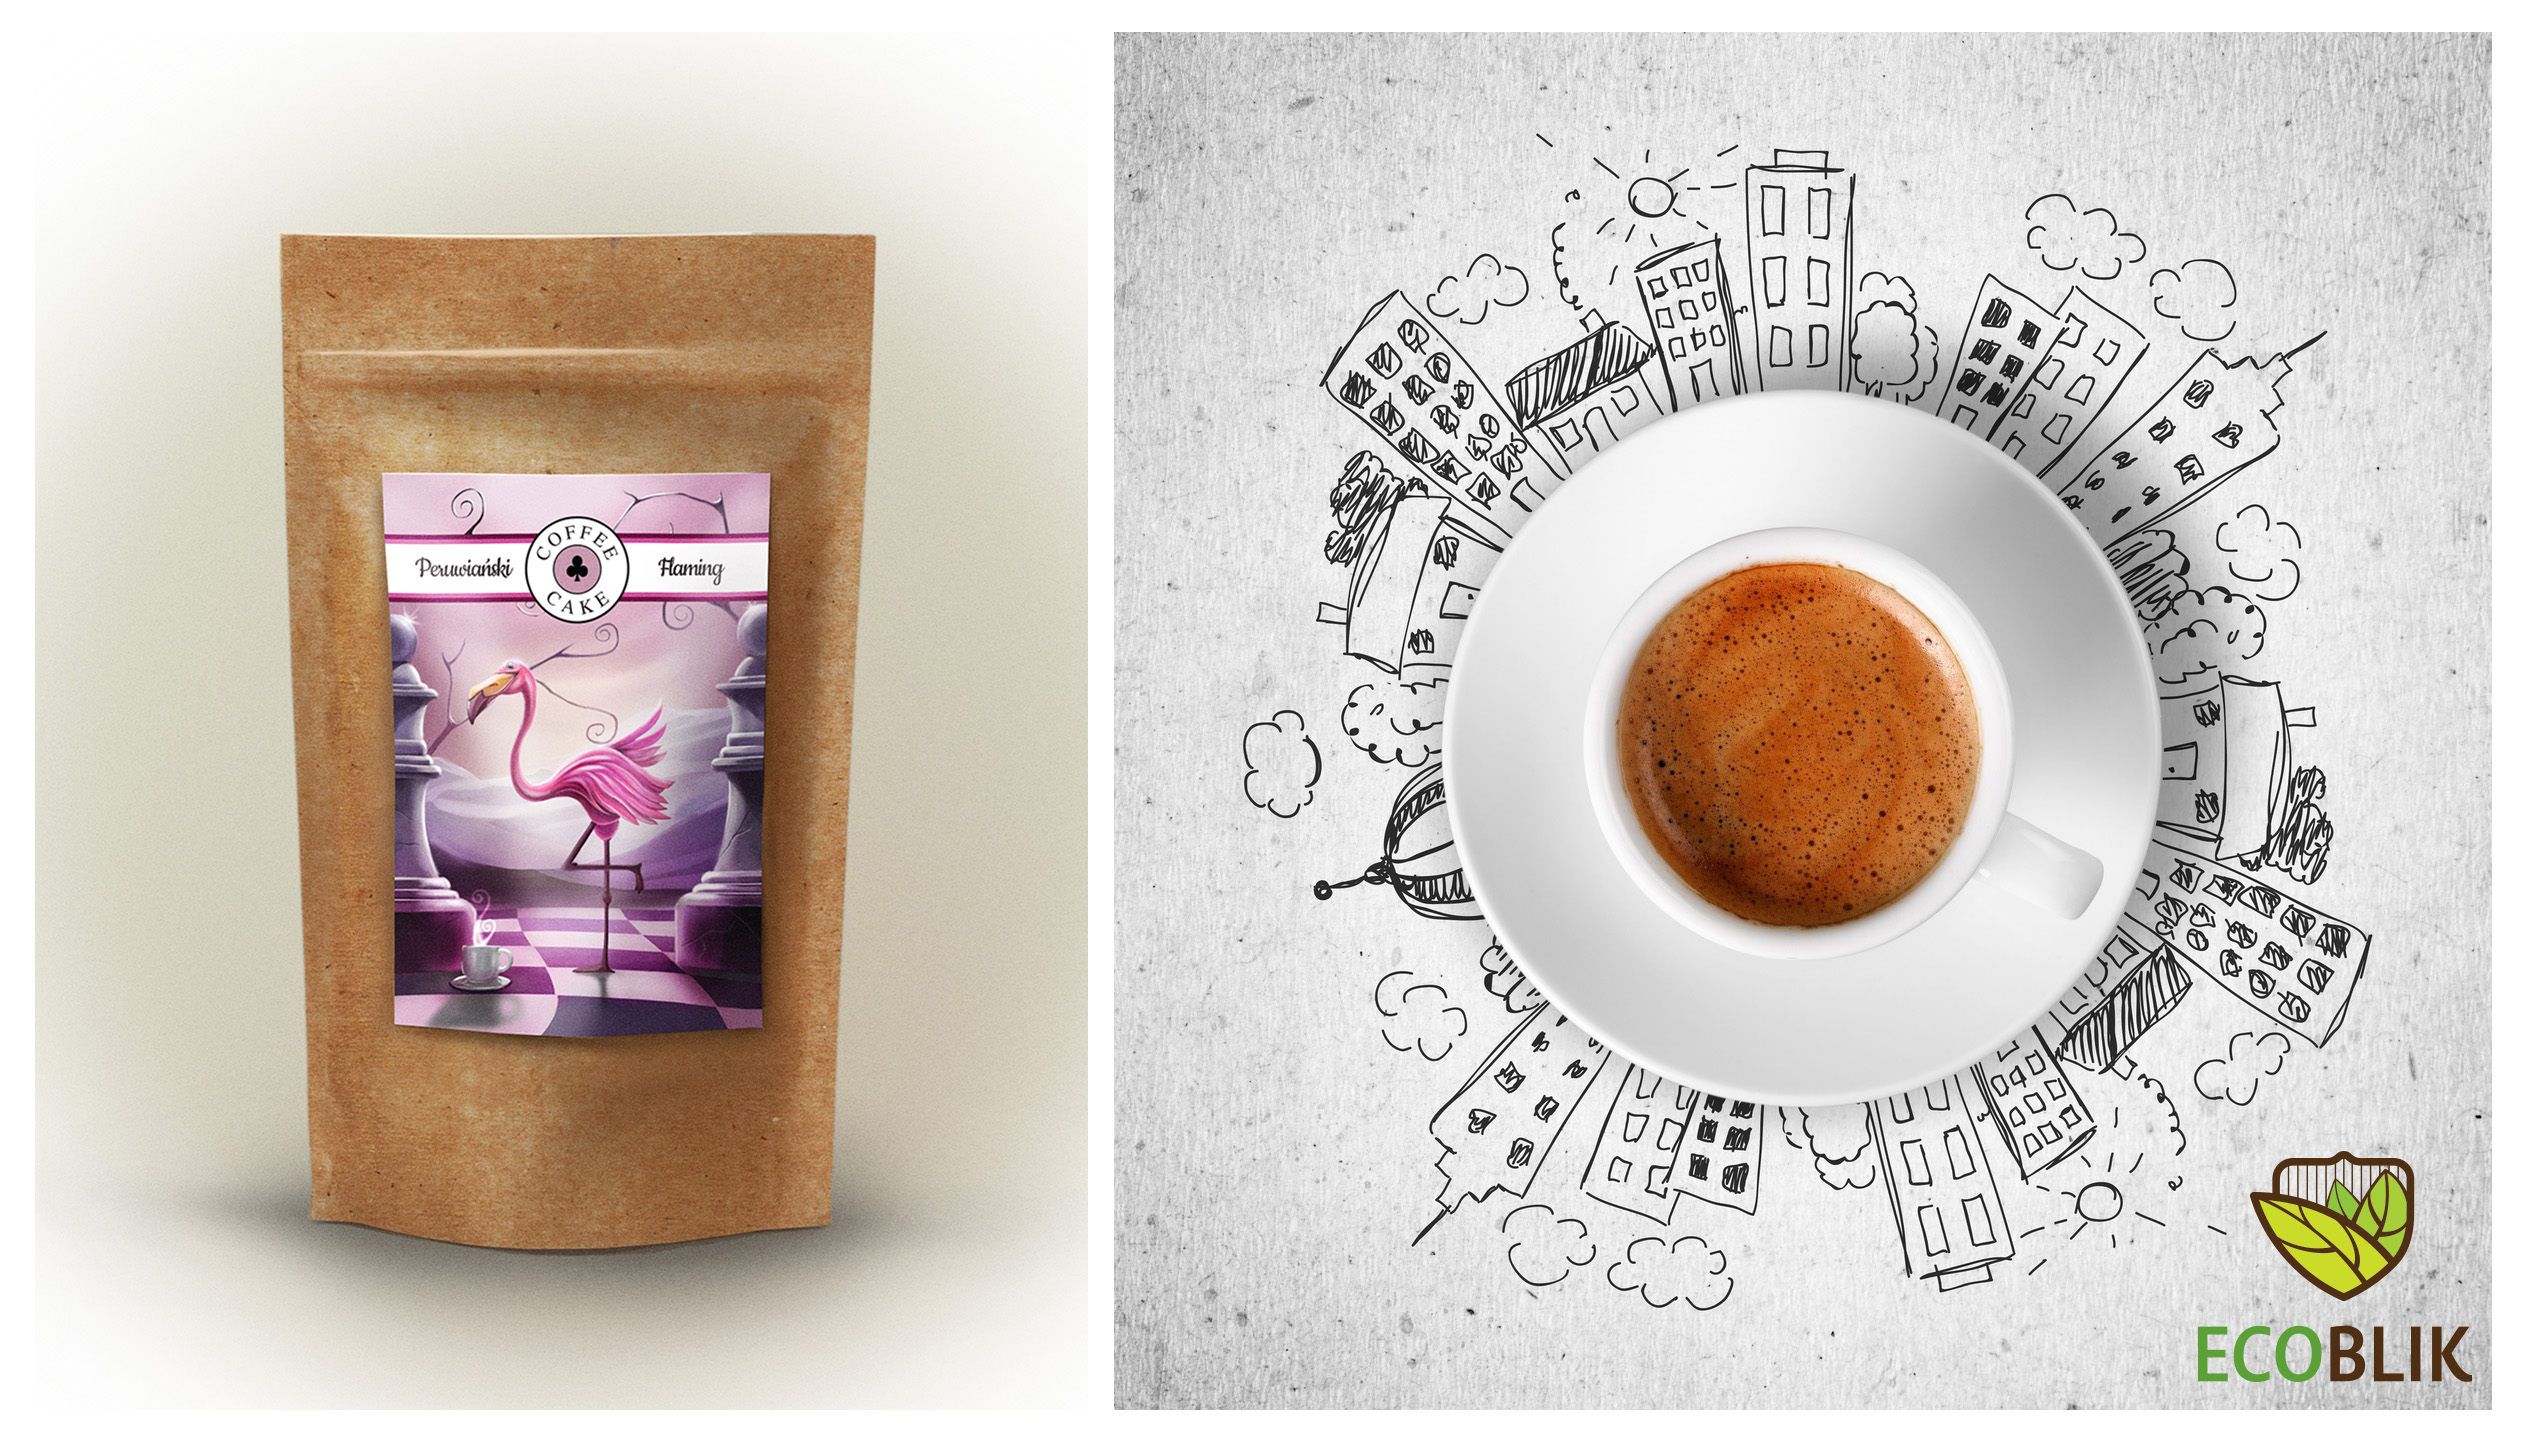 opakowanie kawy peruwiański flaming i filiżanka kawy